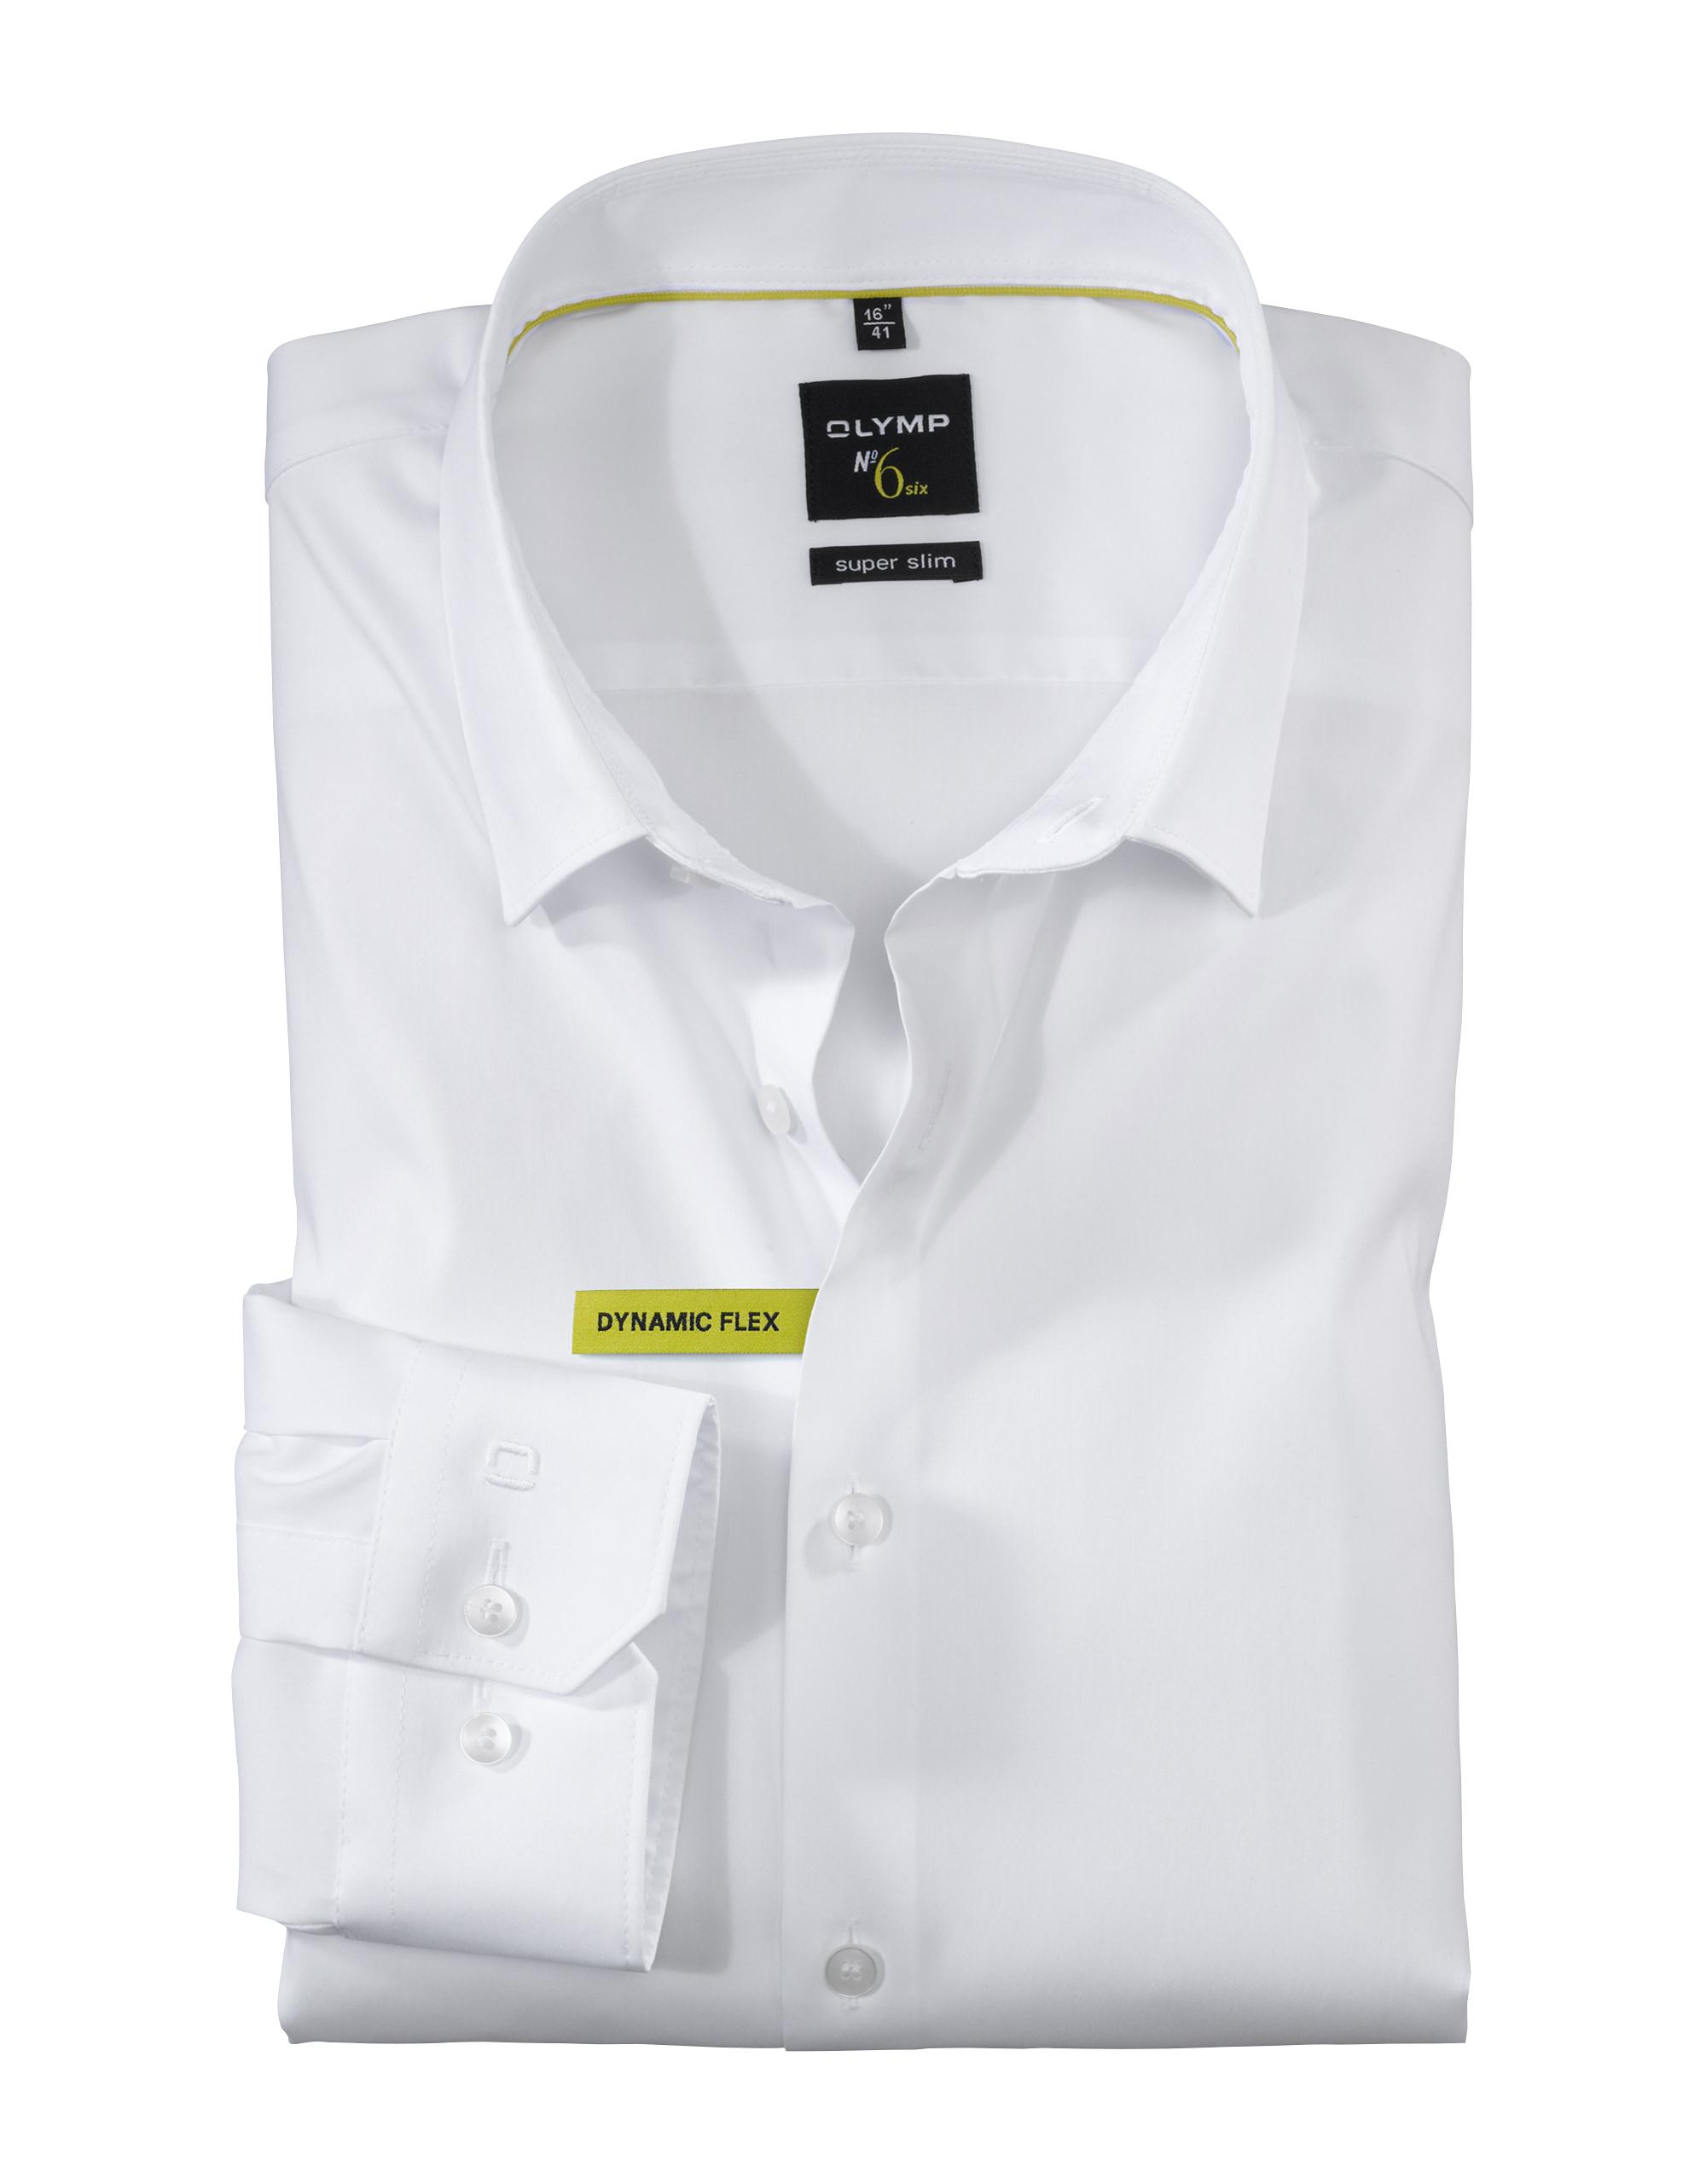 OLYMP No. Six Hemd, super slim, Urban Kent, Weiß, 37 | Bekleidung > Hemden > Sonstige Hemden | Weiß | Baumwolle - Polyamid - Elasthan | OLYMP